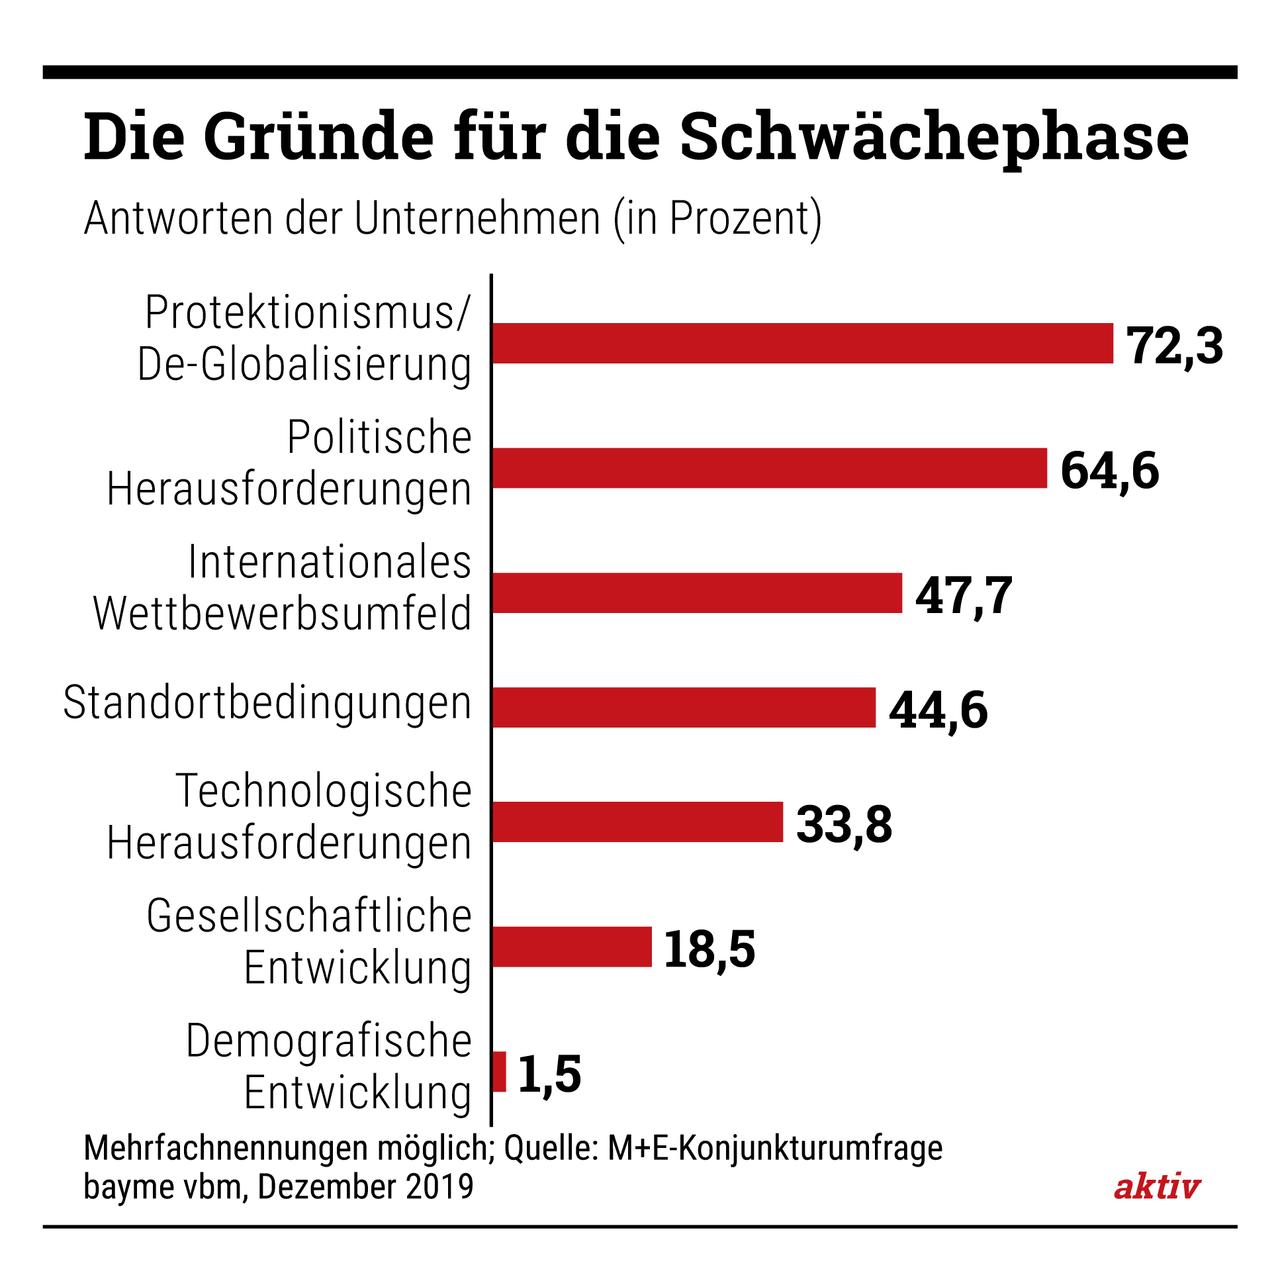 Klarheit schaffen: Das soll die Tarifrunde 2020 für die Betriebe der bayerischen Metall- und Elektroindustrie.